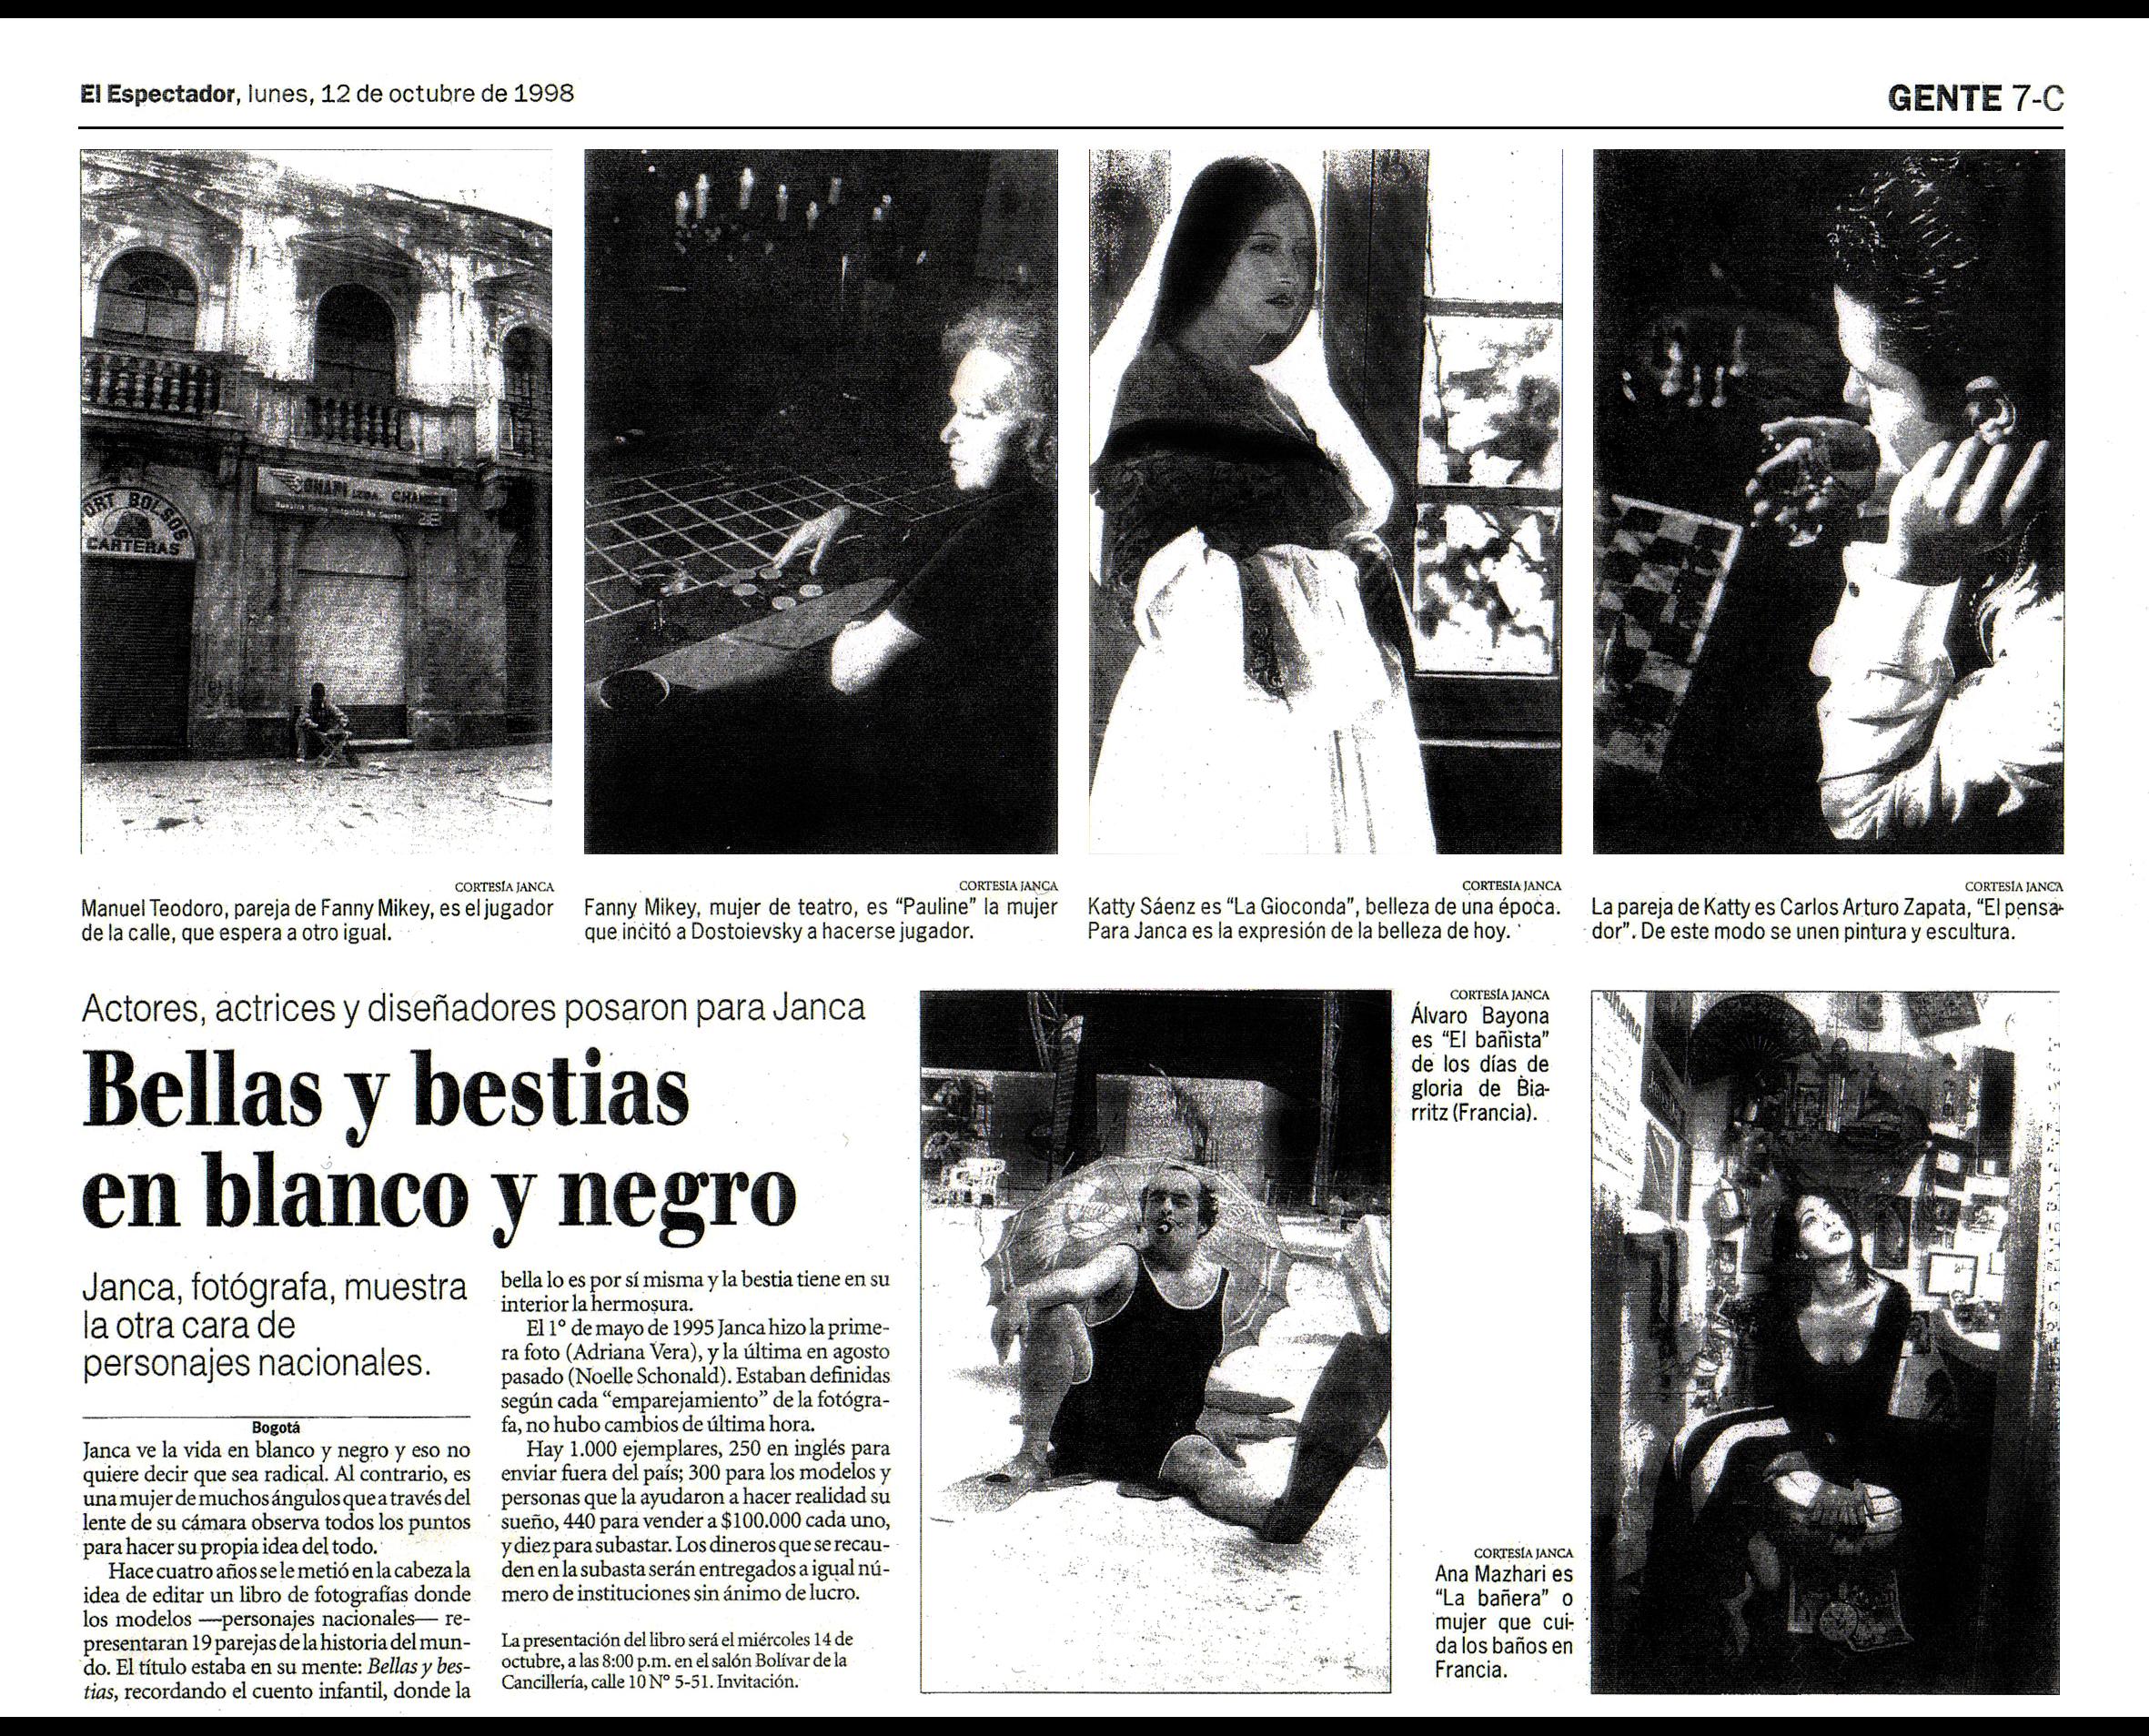 1998 - BGTA - EL ESPECTADOR.jpg